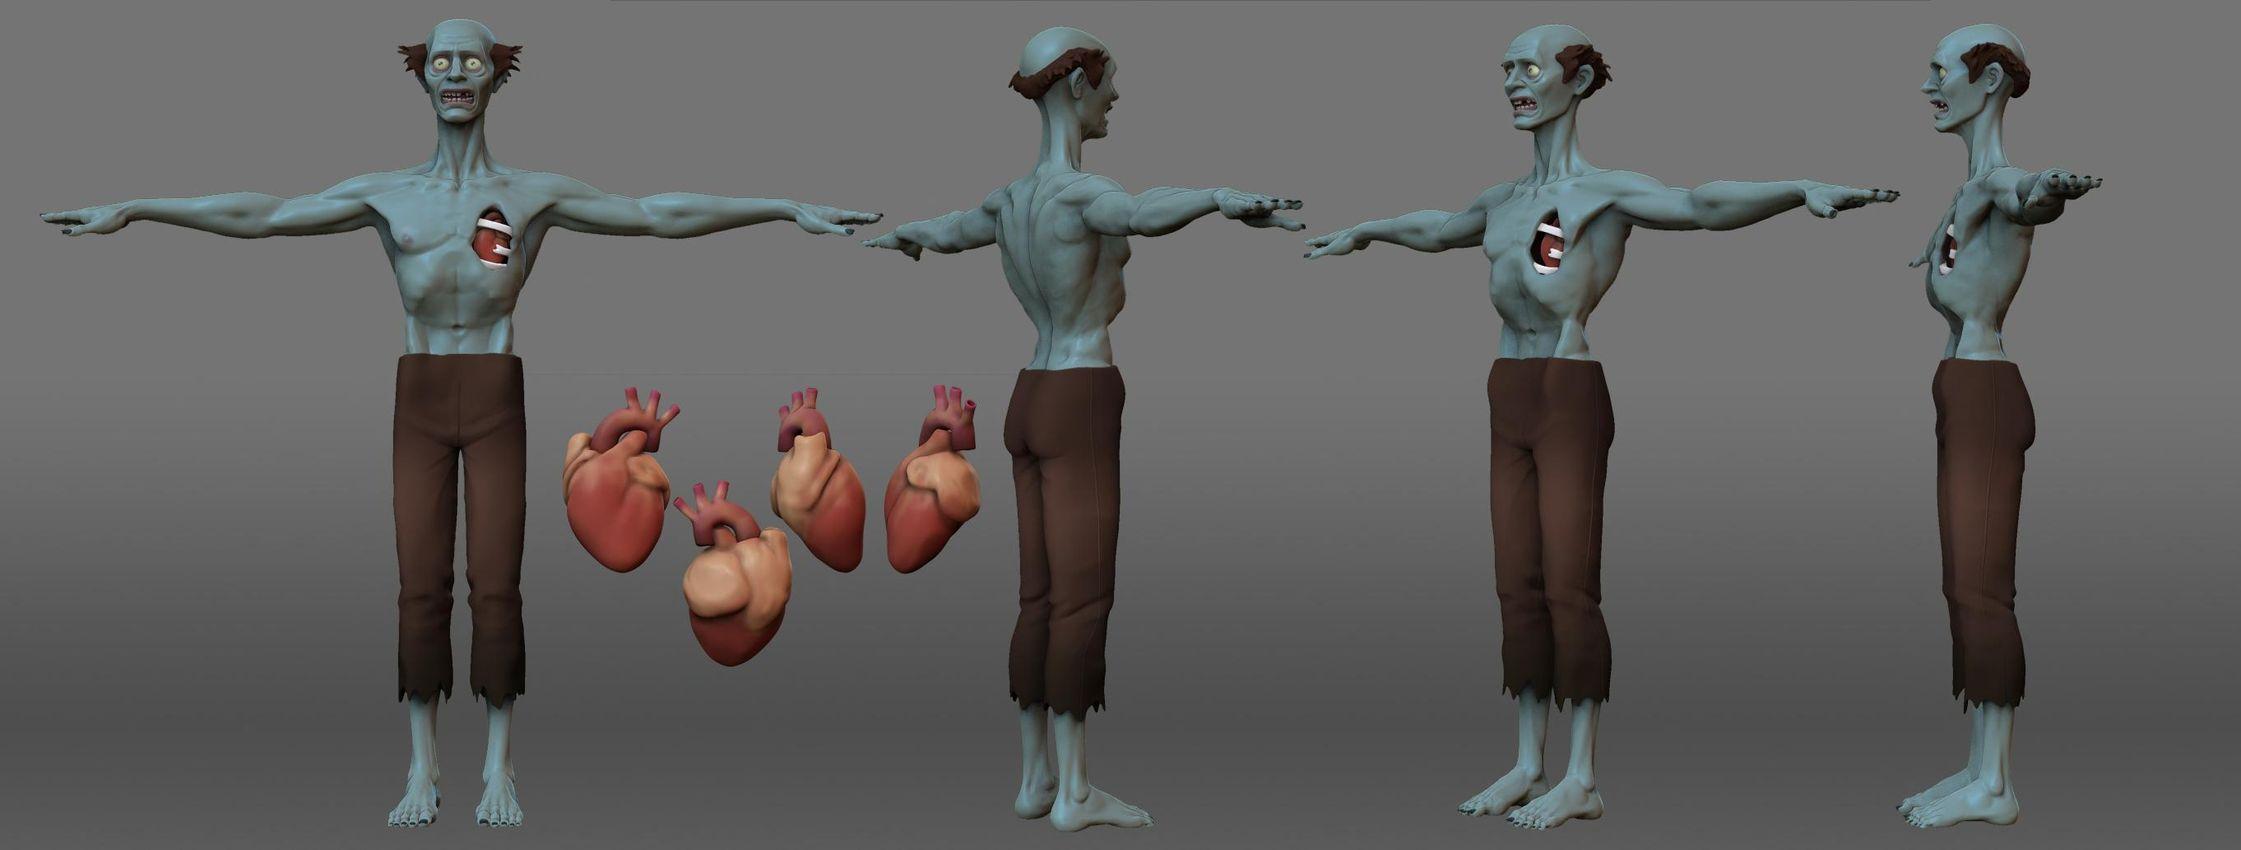 Zombie_body2.0001.jpg